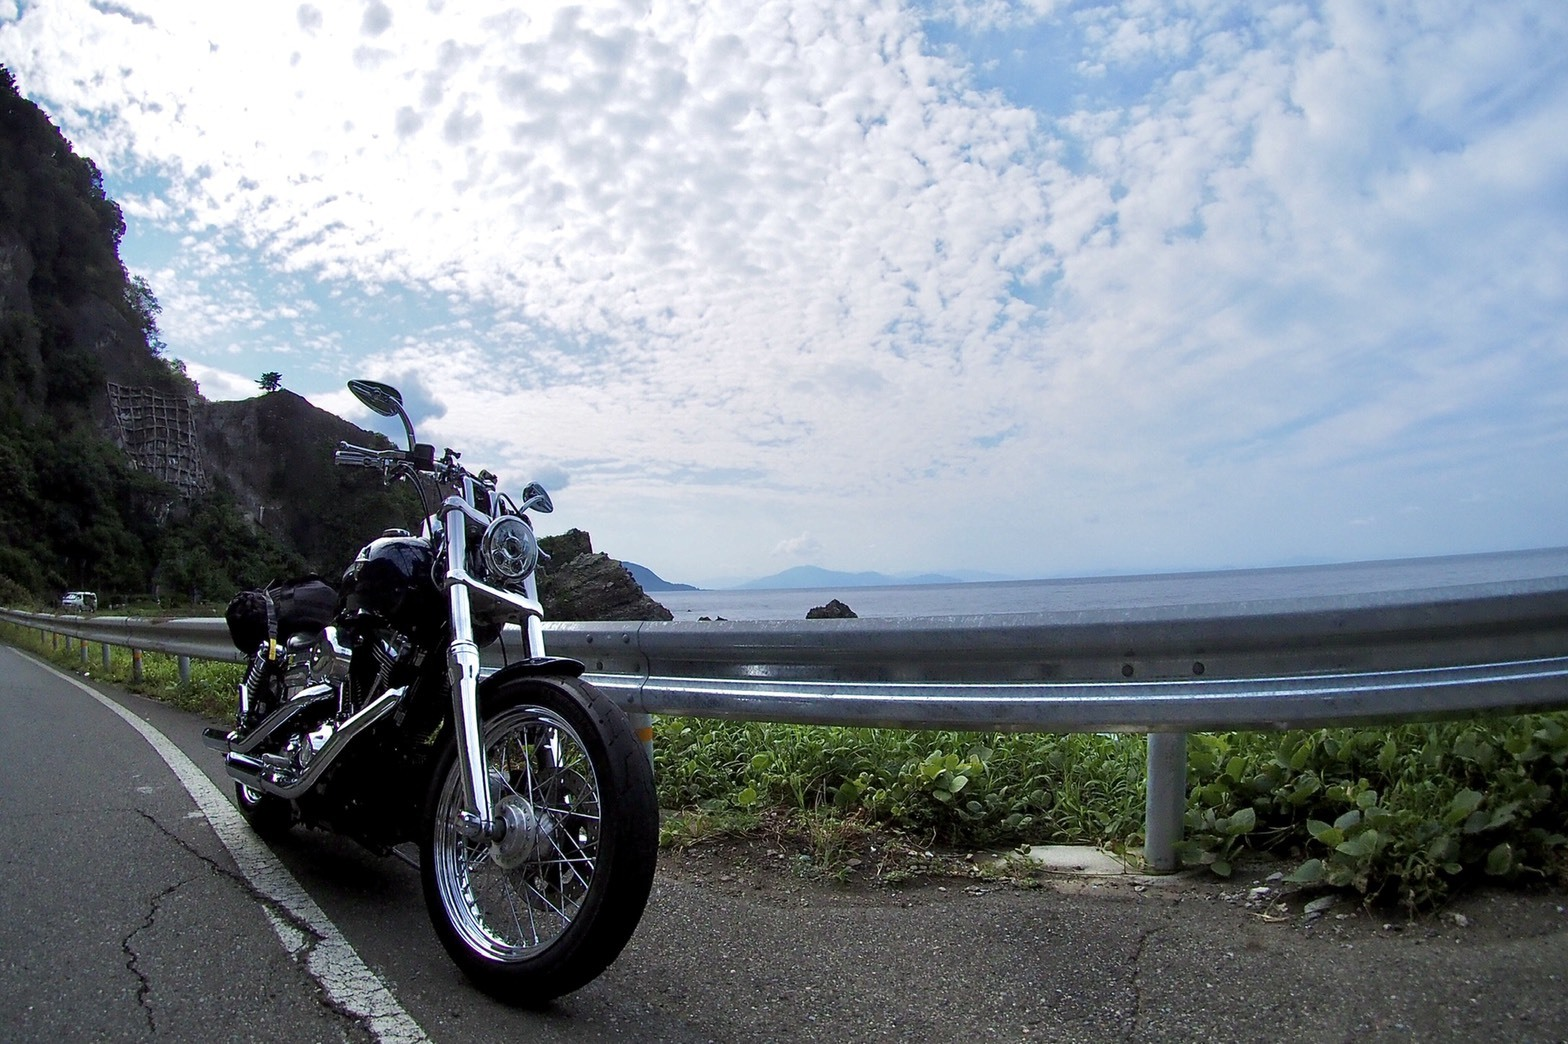 ぴーきちハーレーブログ 福井金沢ツーリング 日本海 国道8号線